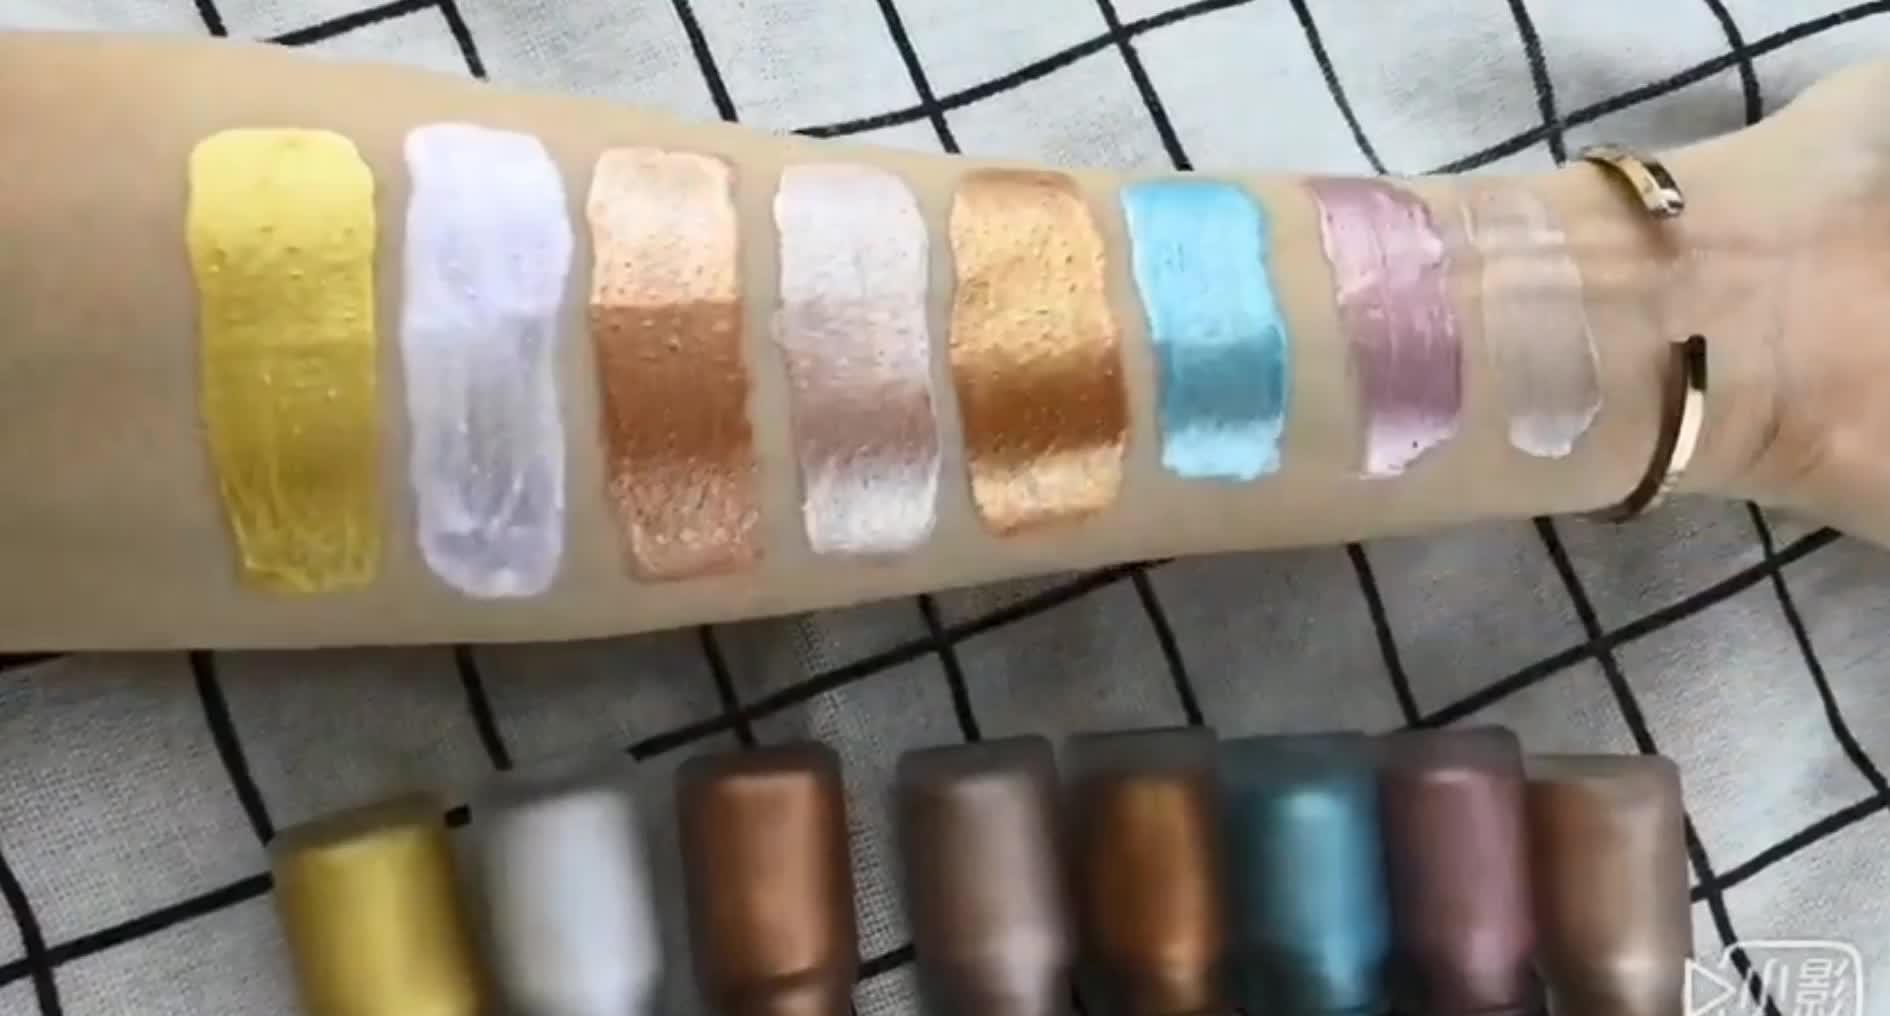 แต่งหน้า 3D Liquid Shimmer Highlighter แต่งหน้าส่วนตัวป้ายกันน้ำ 8 สี Highlighter